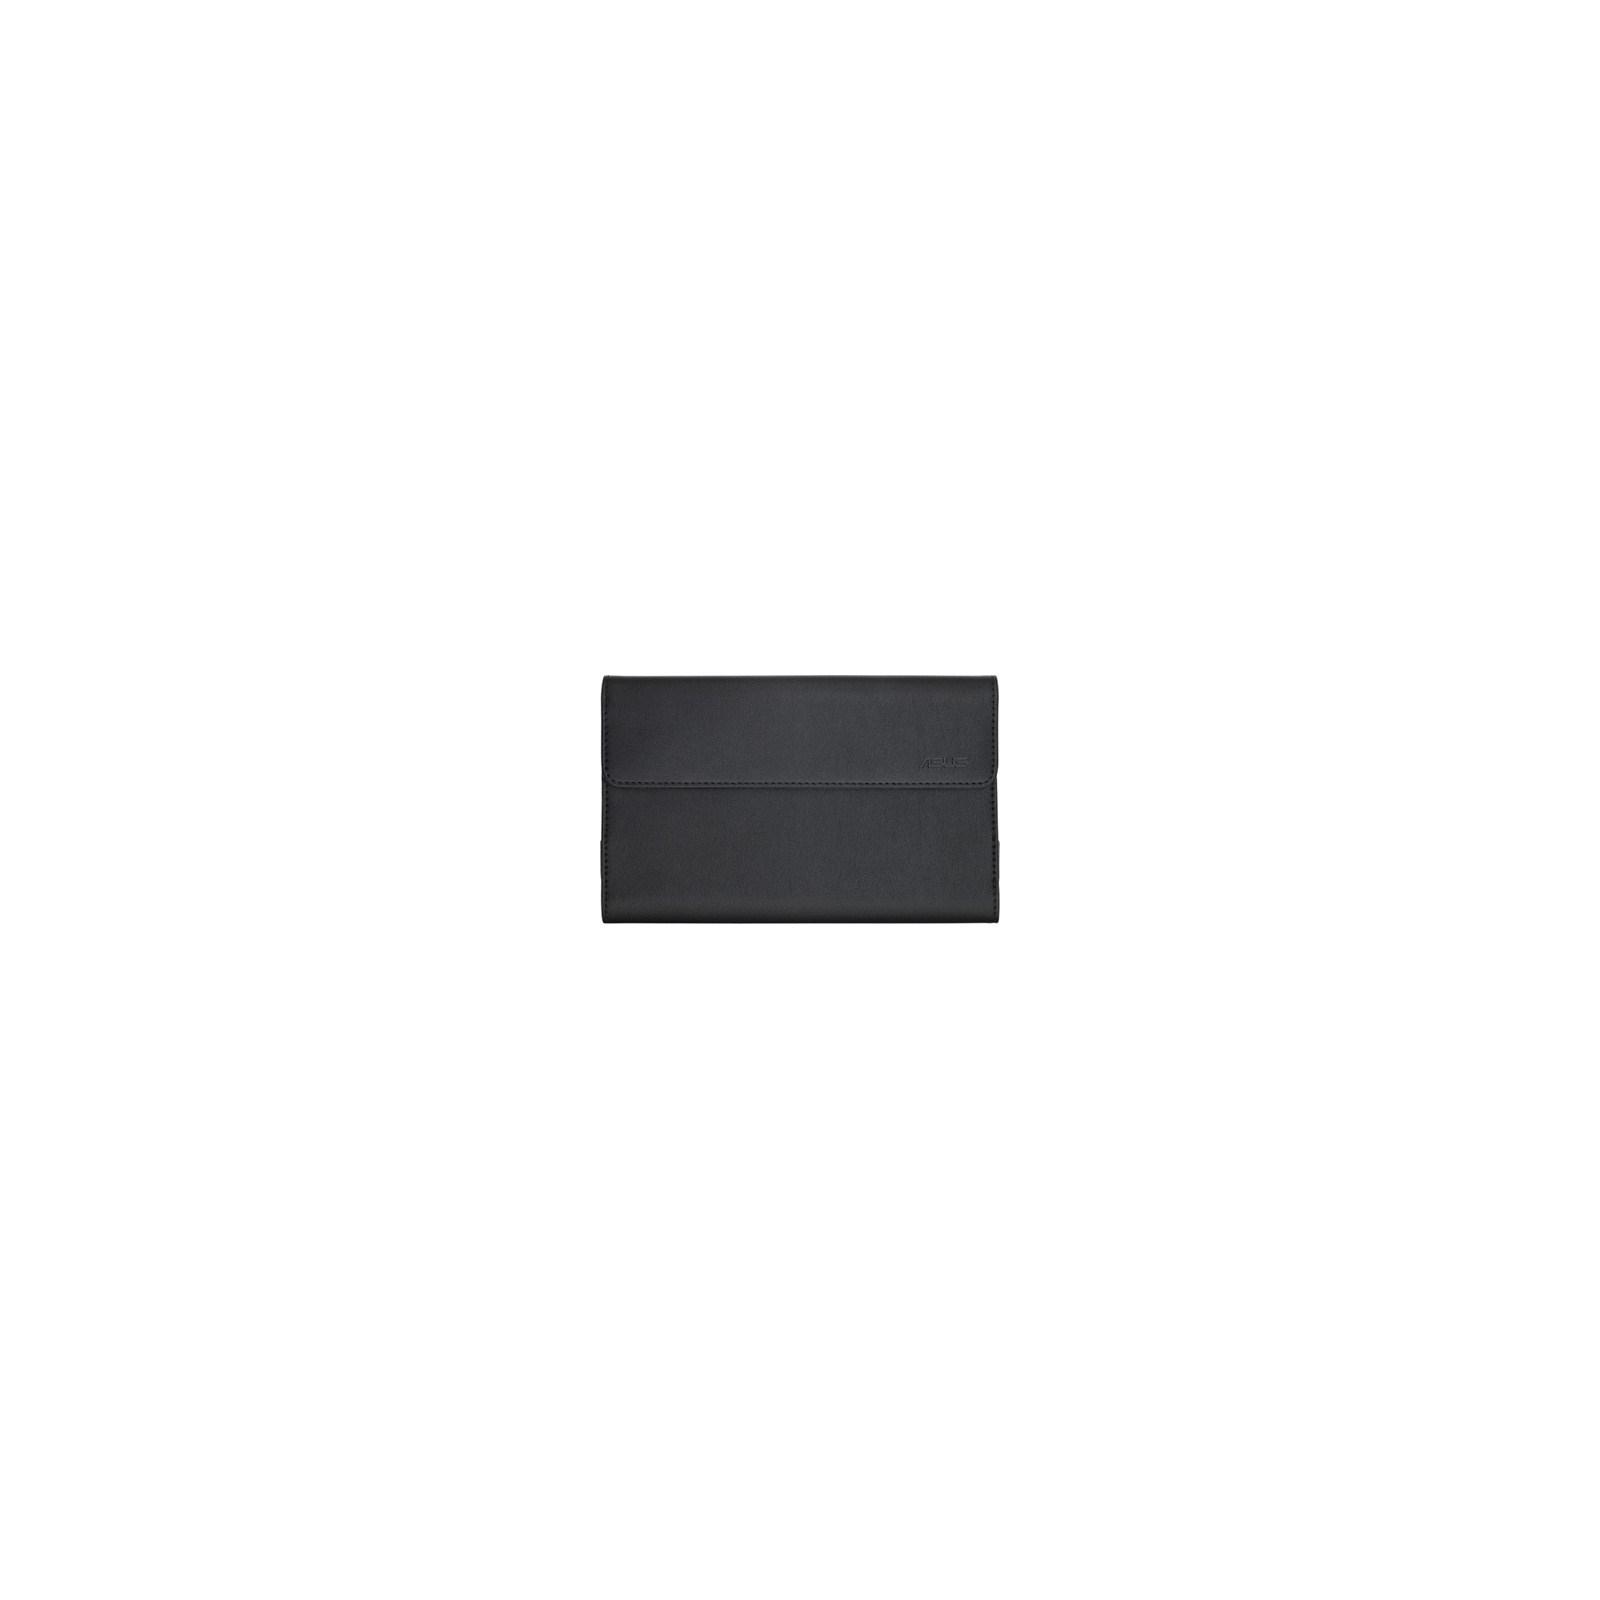 Чехол для планшета ASUS ME172/ME173/ME371/Nexus 7 VERSASLEEVE7 BLACK (90XB001P-BSL010-)